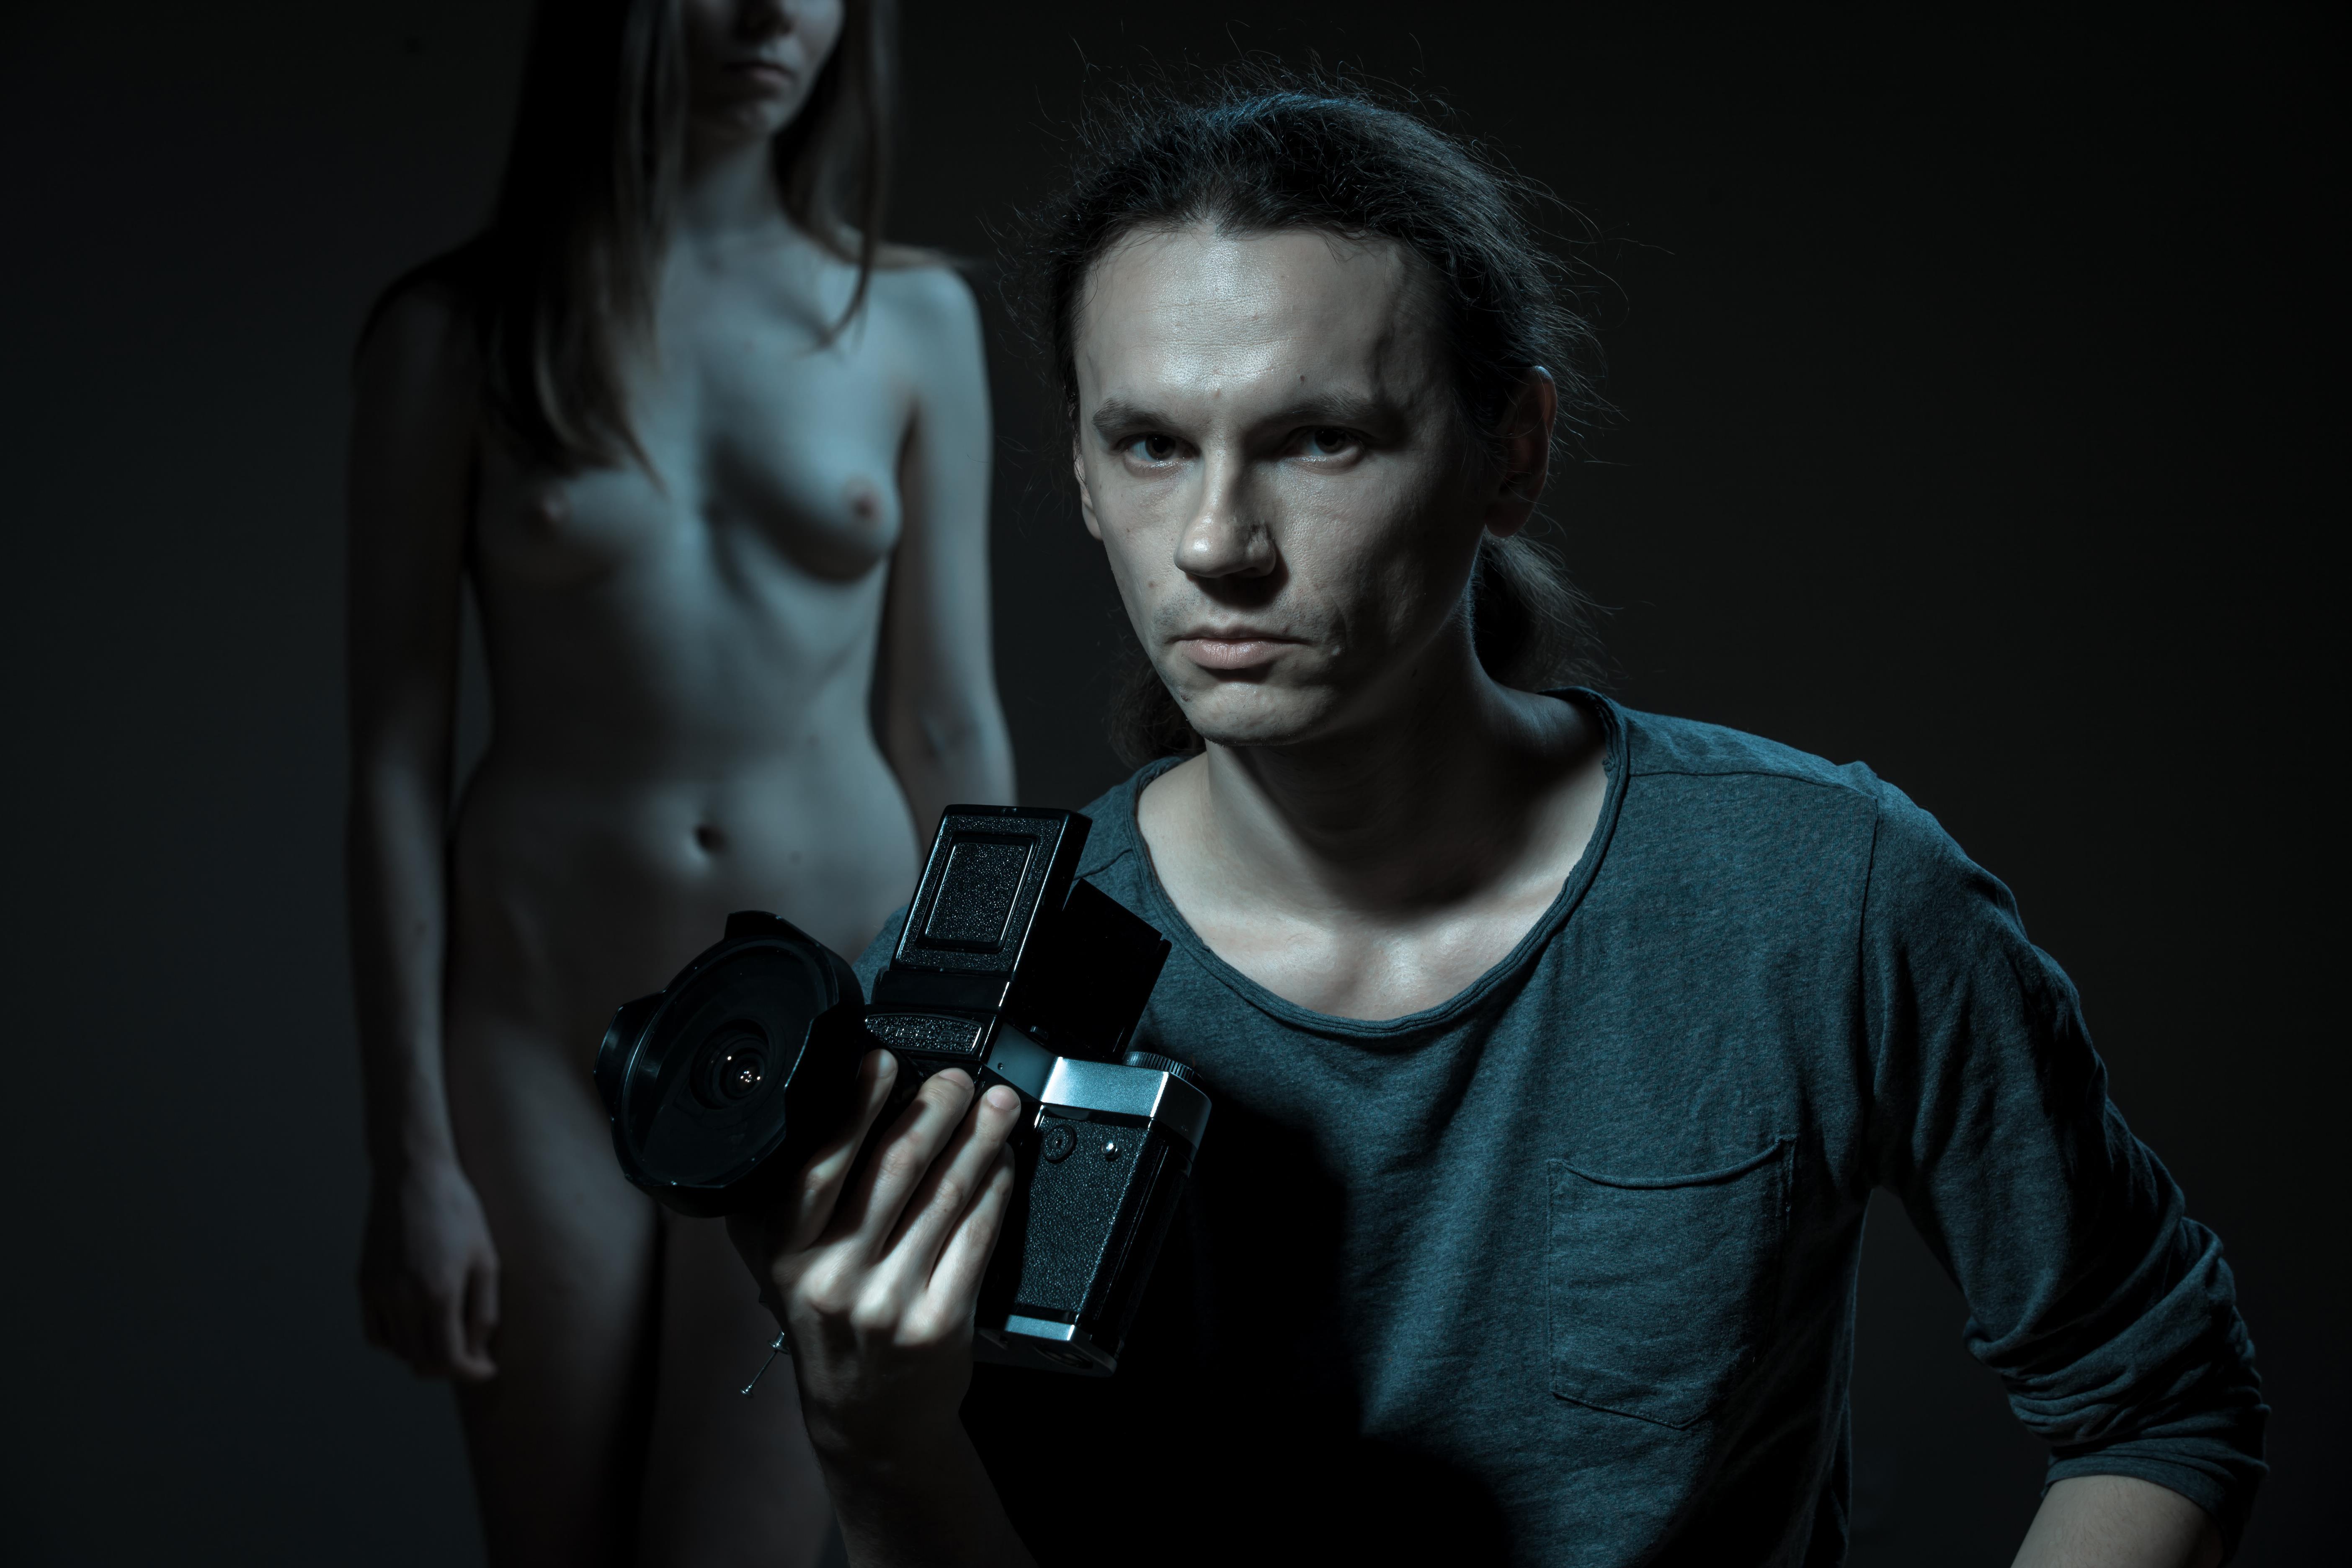 gorąca nastolatka galeria darmowe filmy porno z maszynami